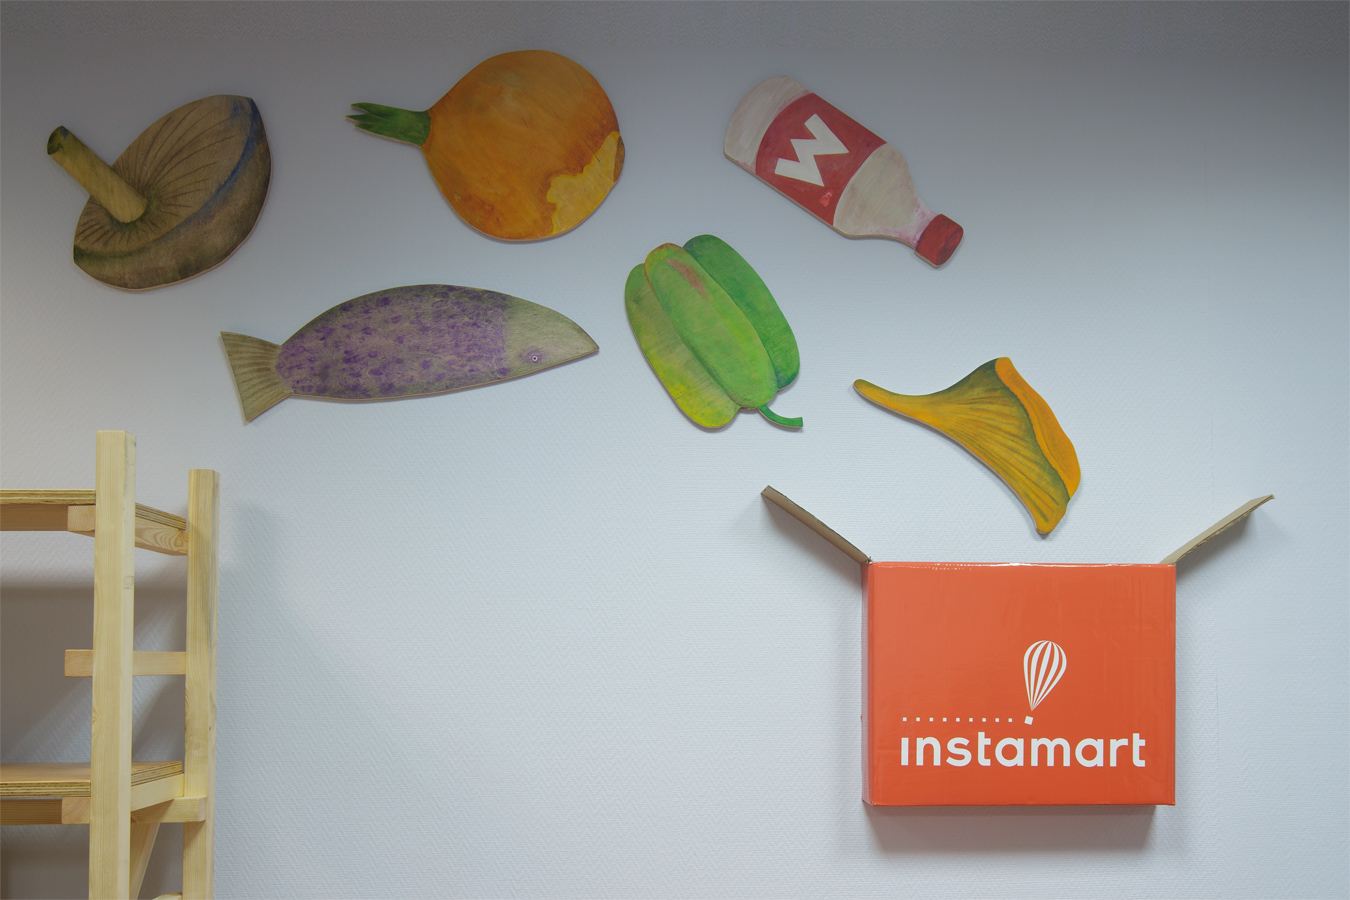 instamart-11.jpg